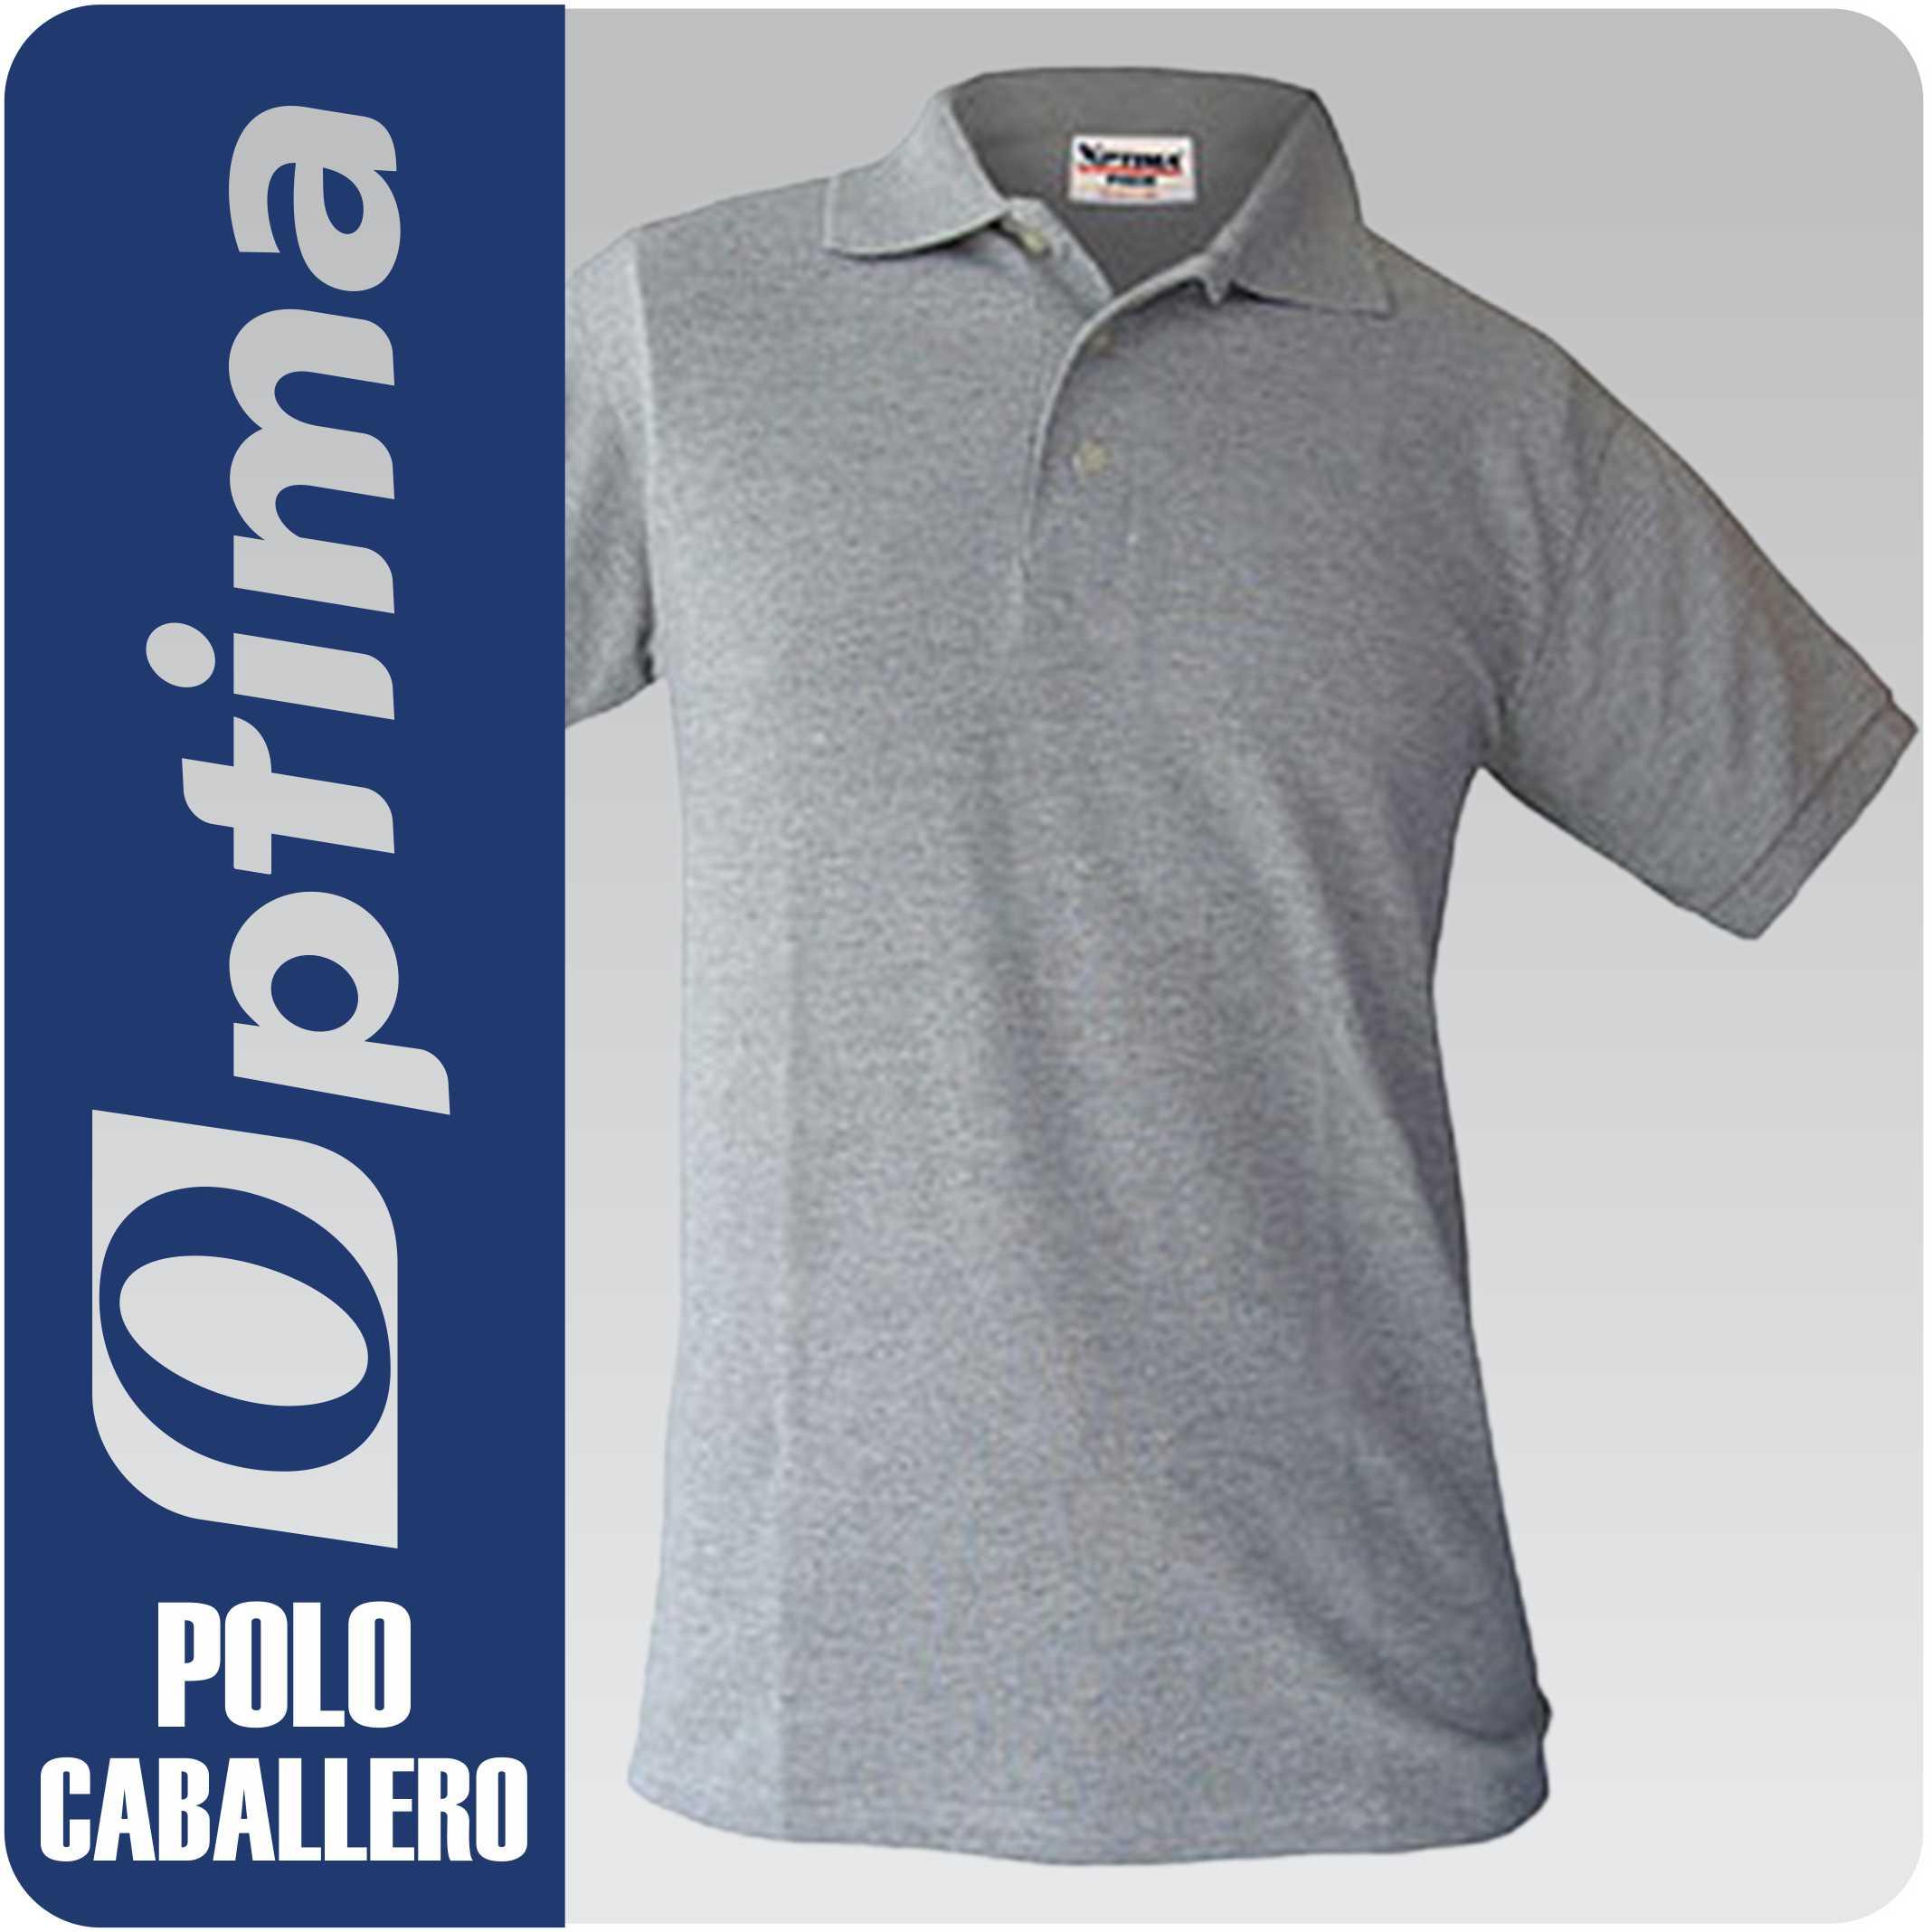 80d790309ffae PLAYERA POLO CABALLERO. Playeras Tipo Polo Optima